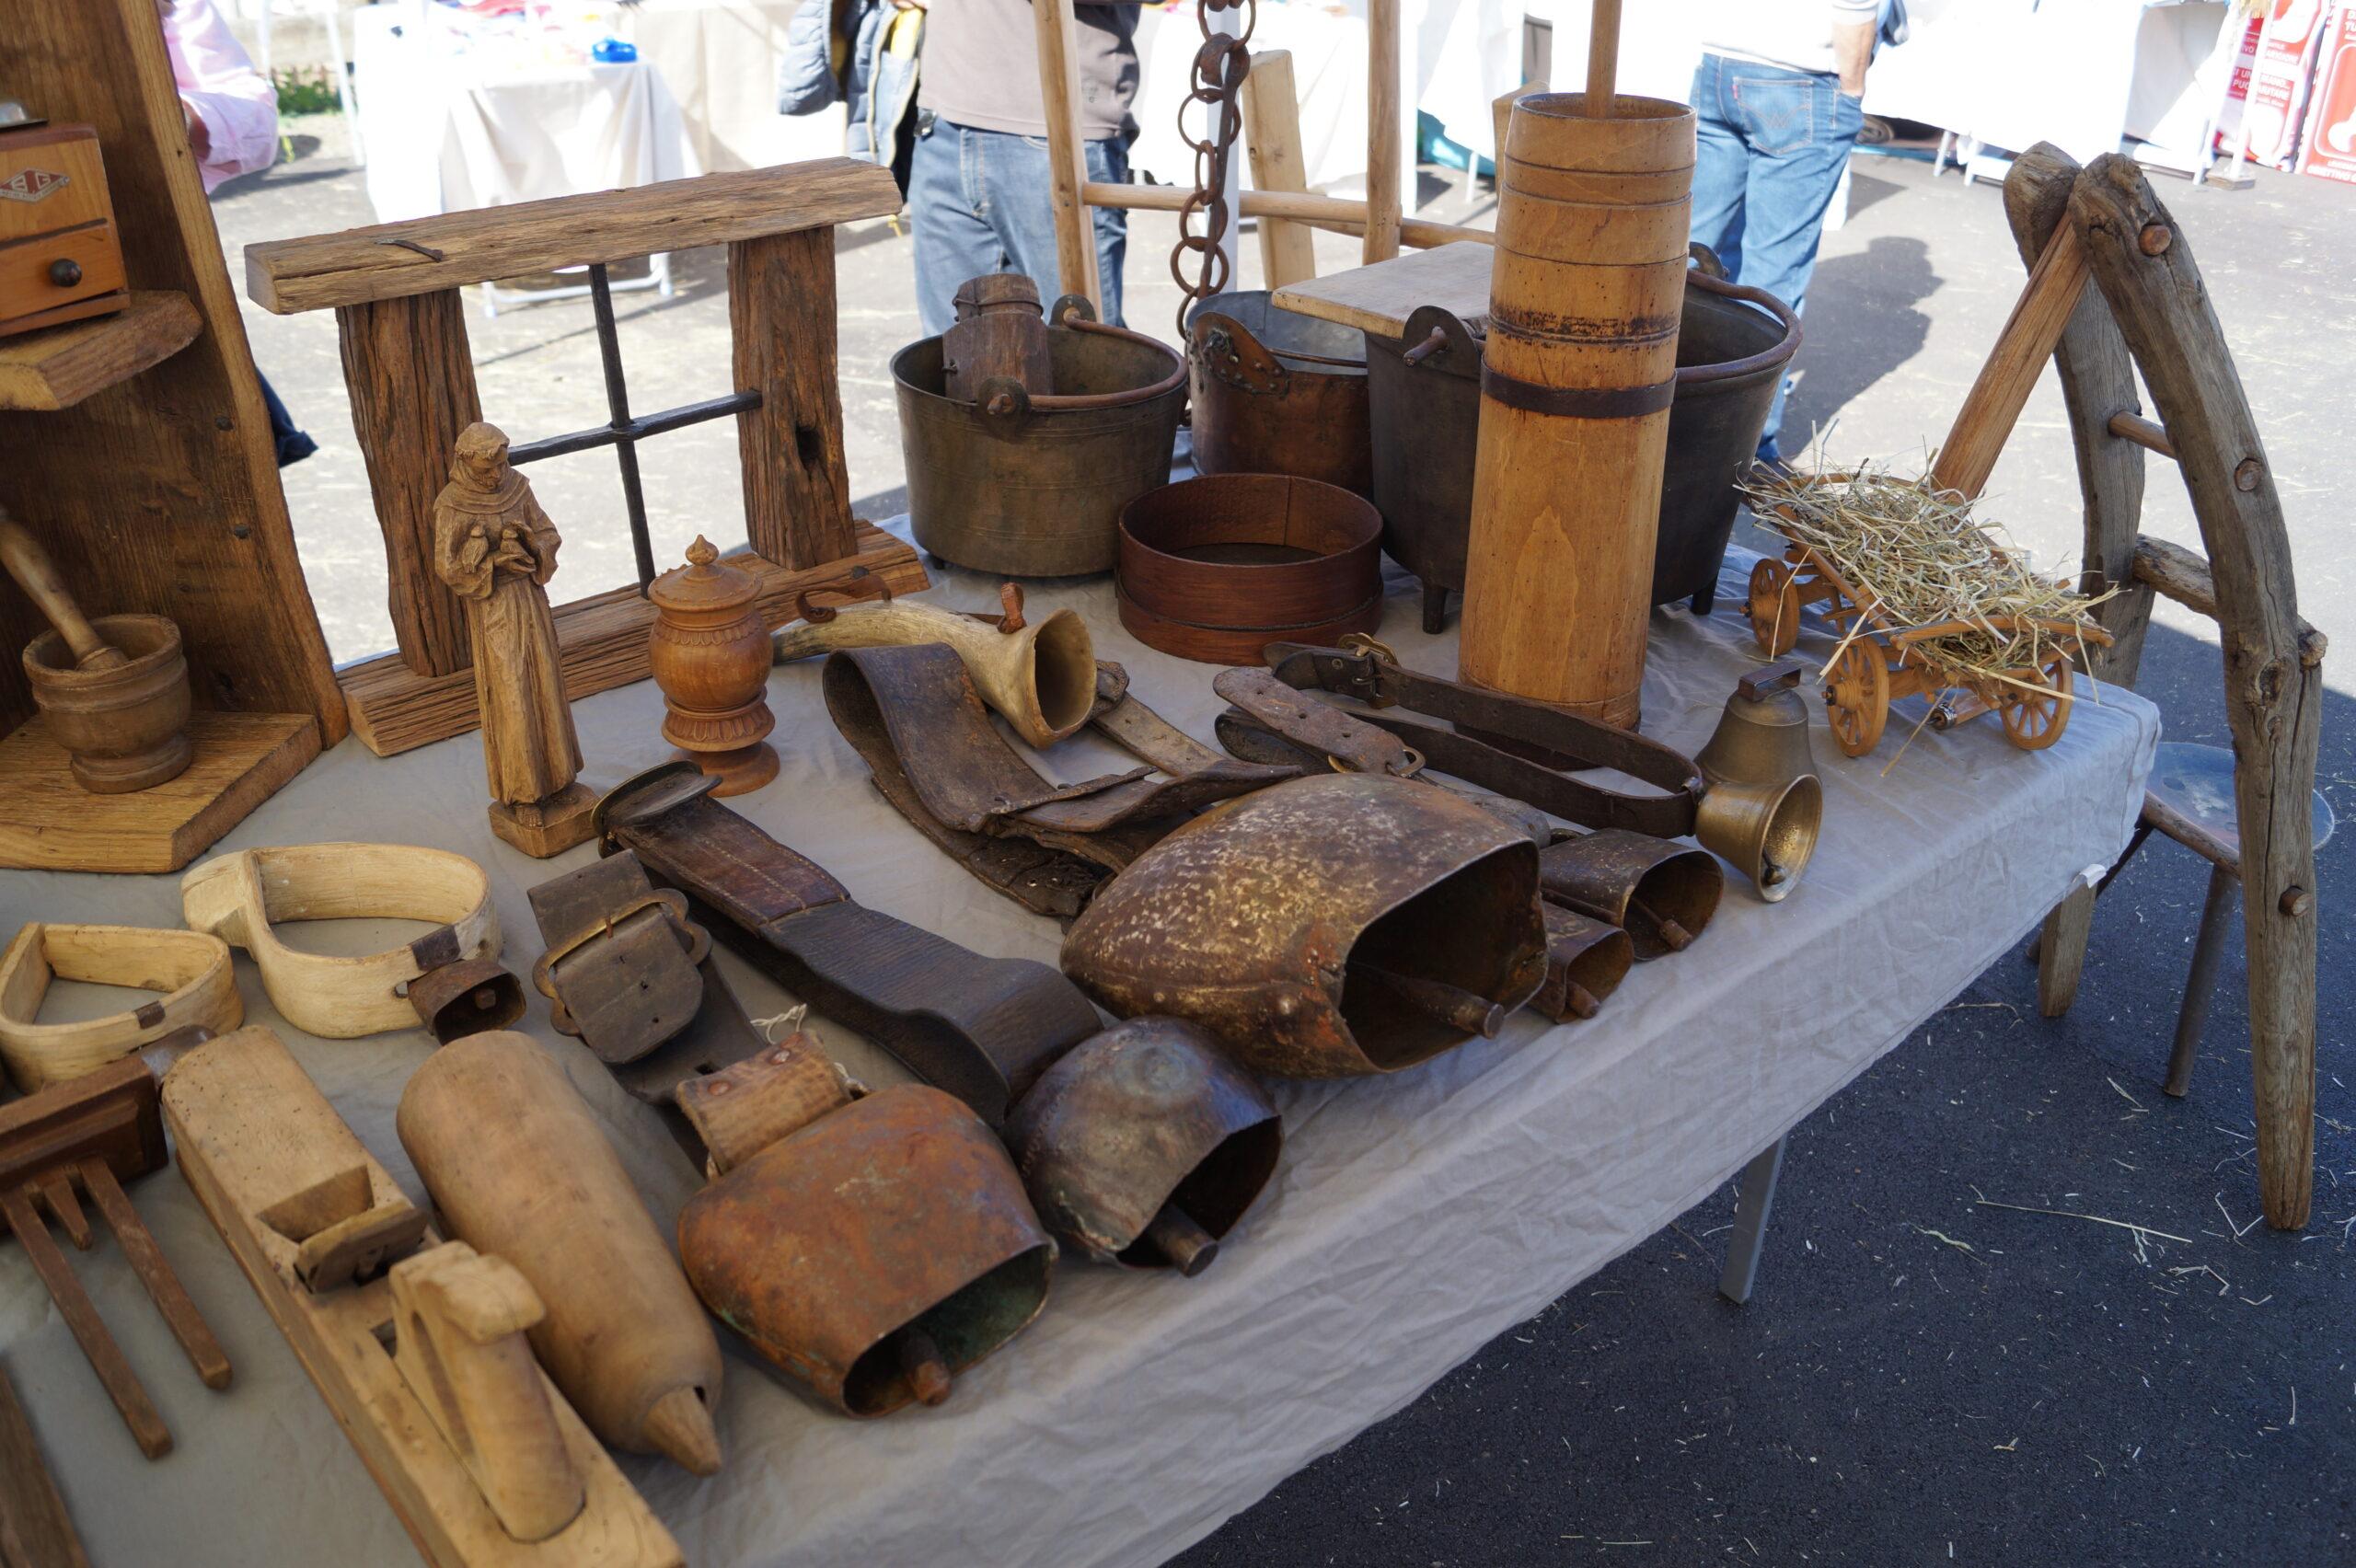 Foto di strumenti e utensili utilizzati da allevatori